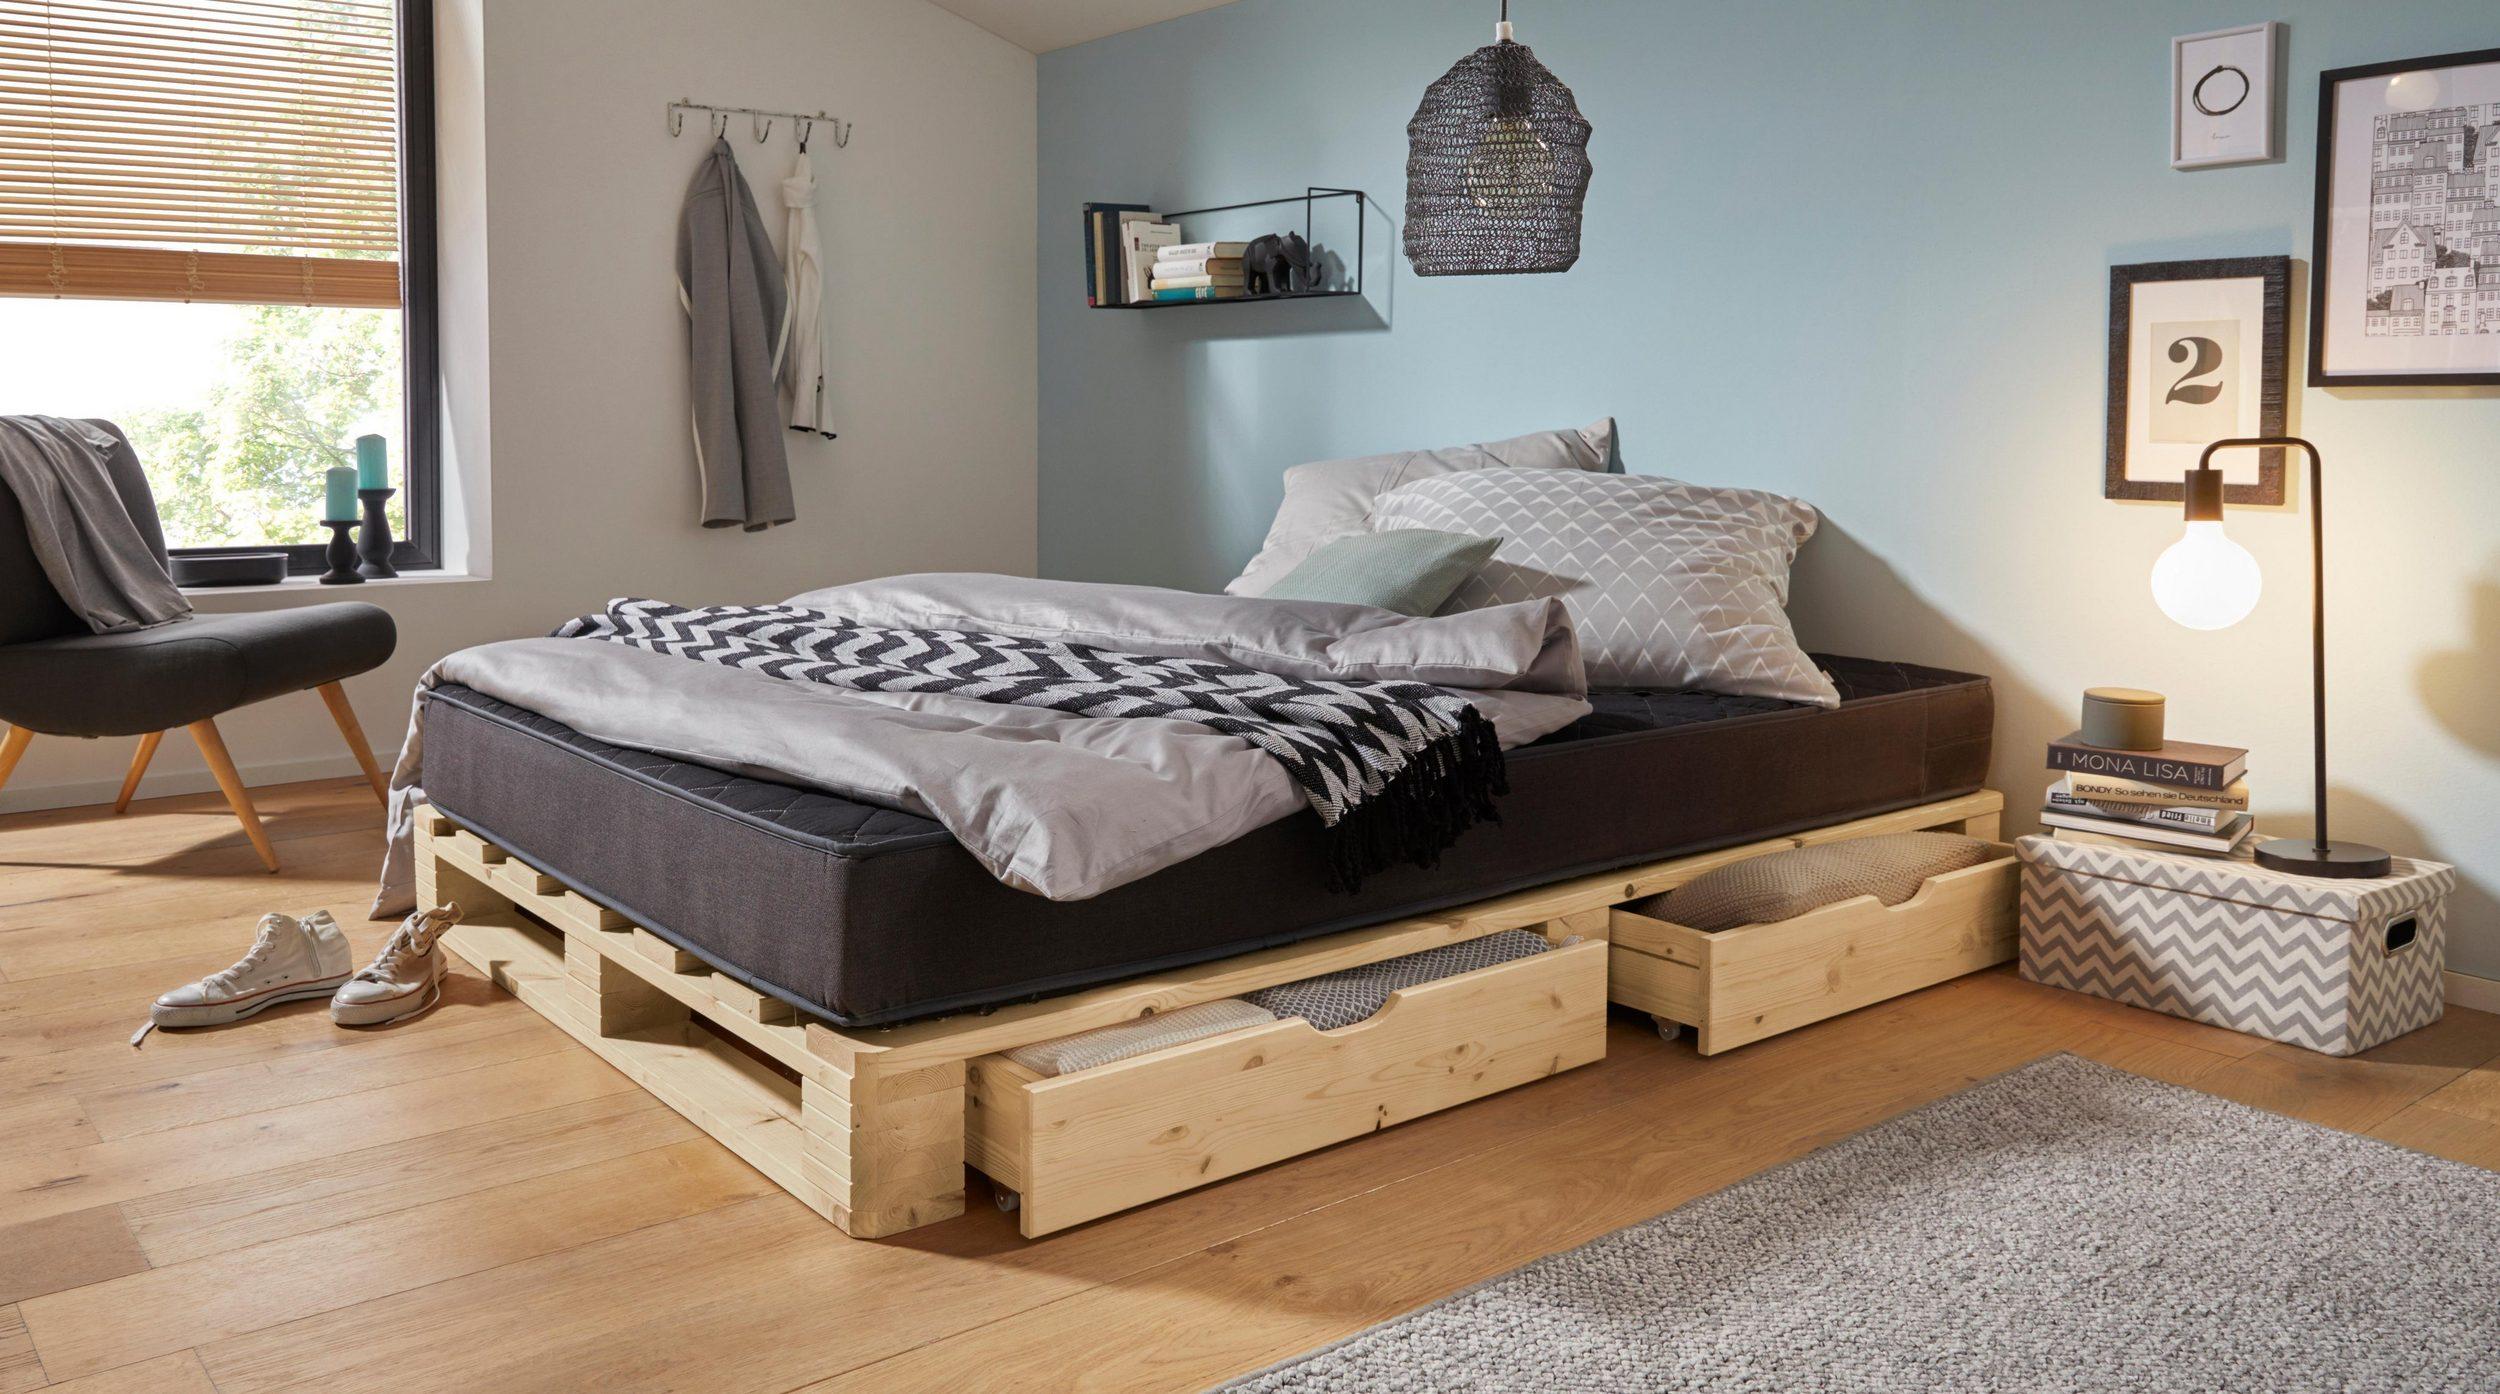 Jak samodzielnie zrobić łóżko z palet? Instrukcja krok po kroku